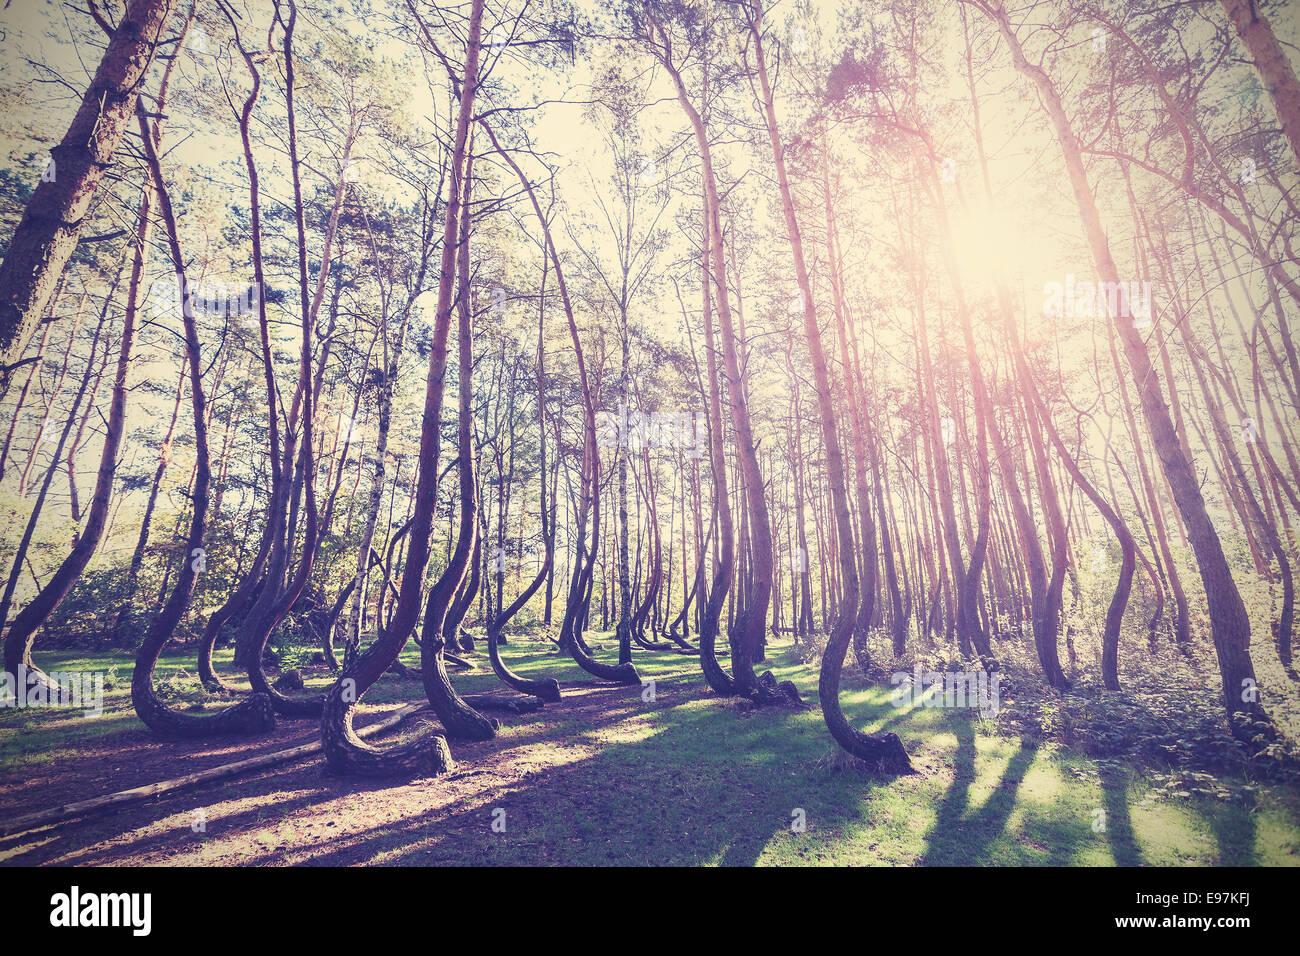 Vintage-Stil Bild von Crooked Wald, Gryfino in Polen. Stockbild